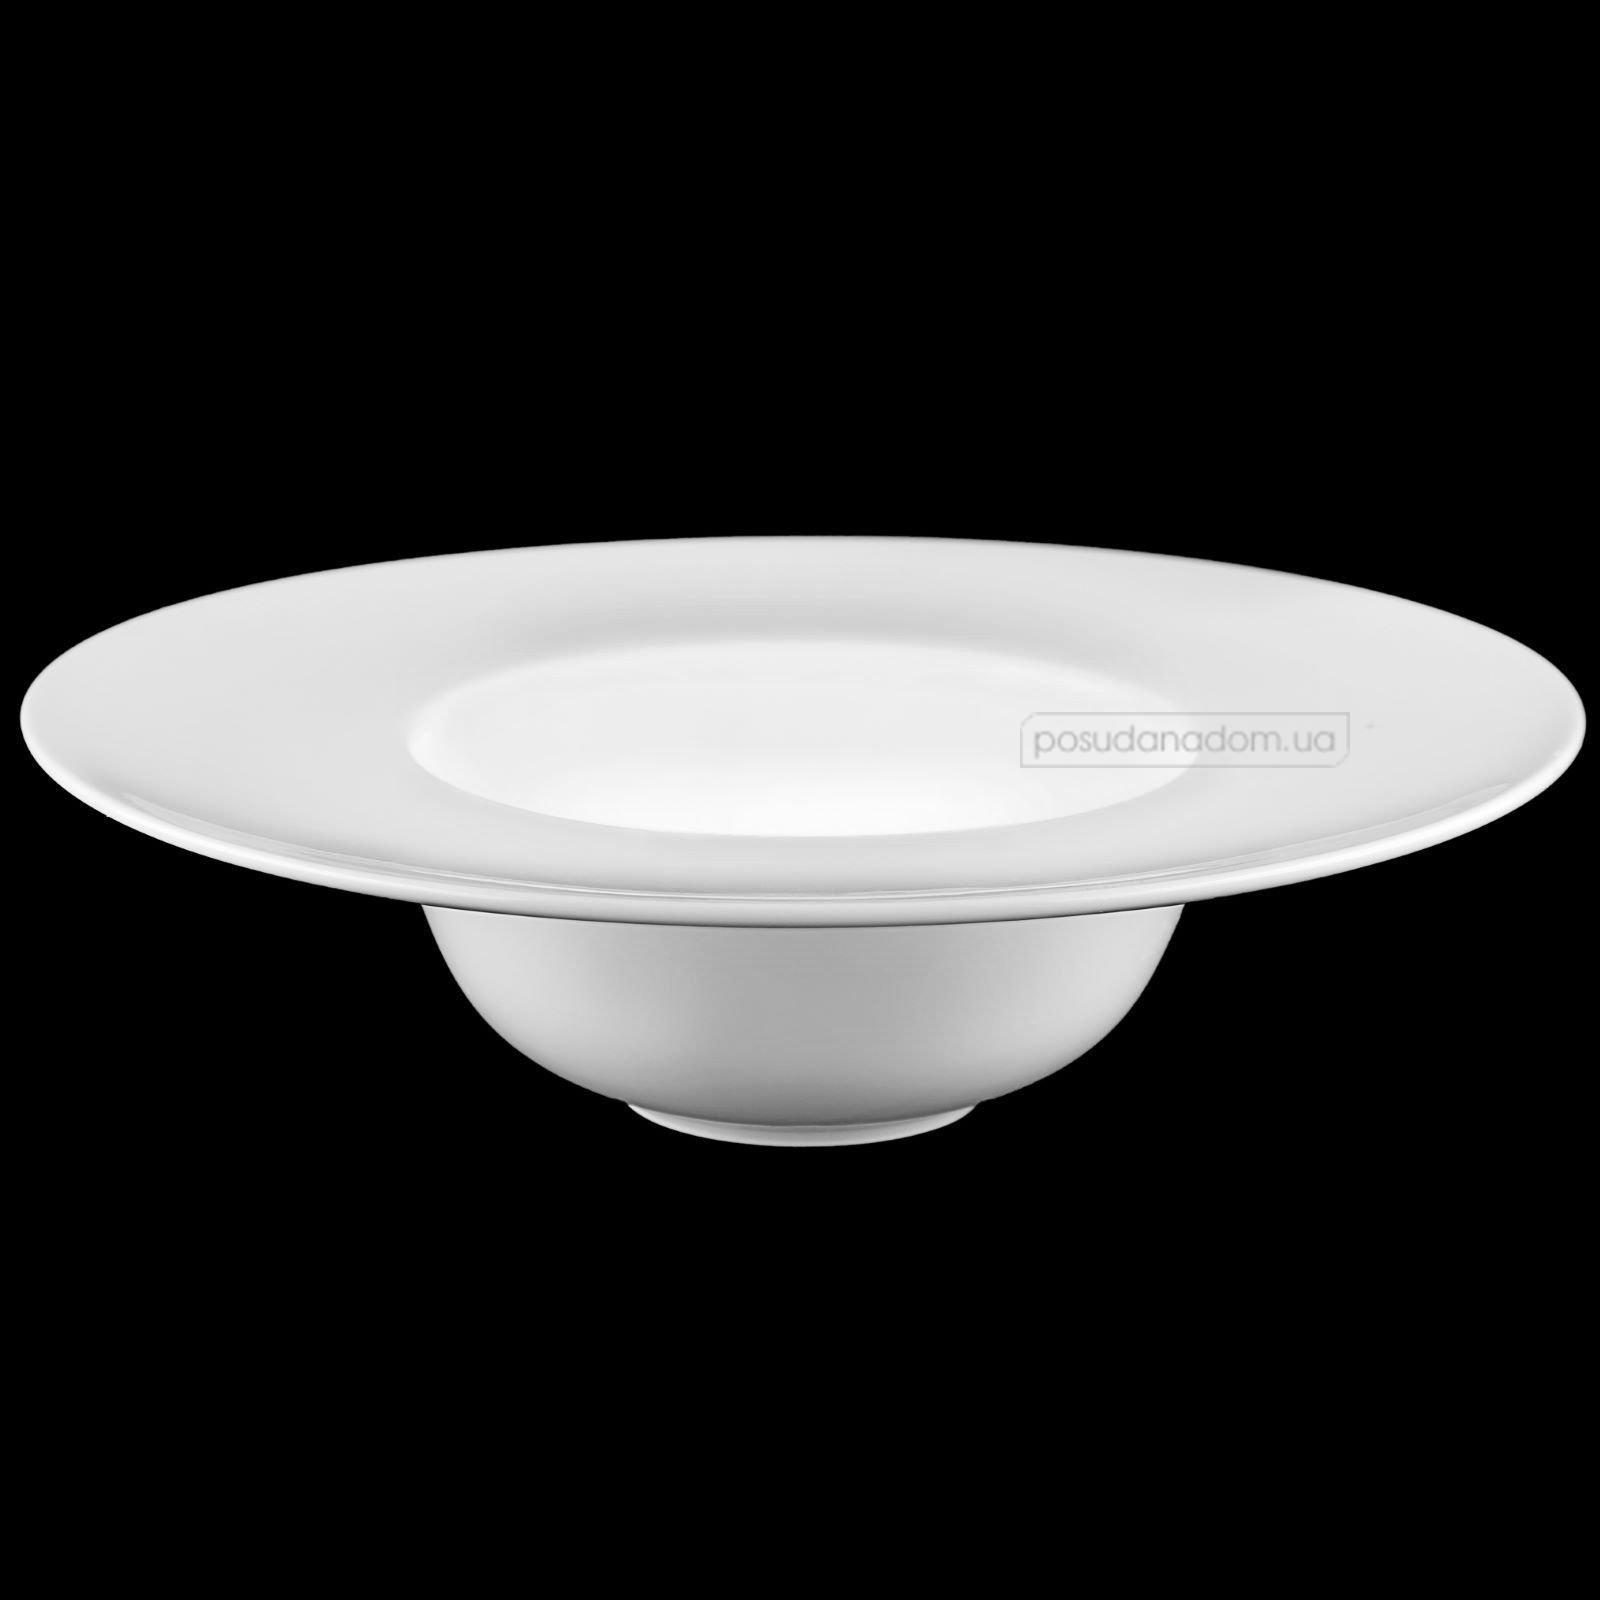 Тарелка суповая Wilmax 991186 22.5 см, недорого